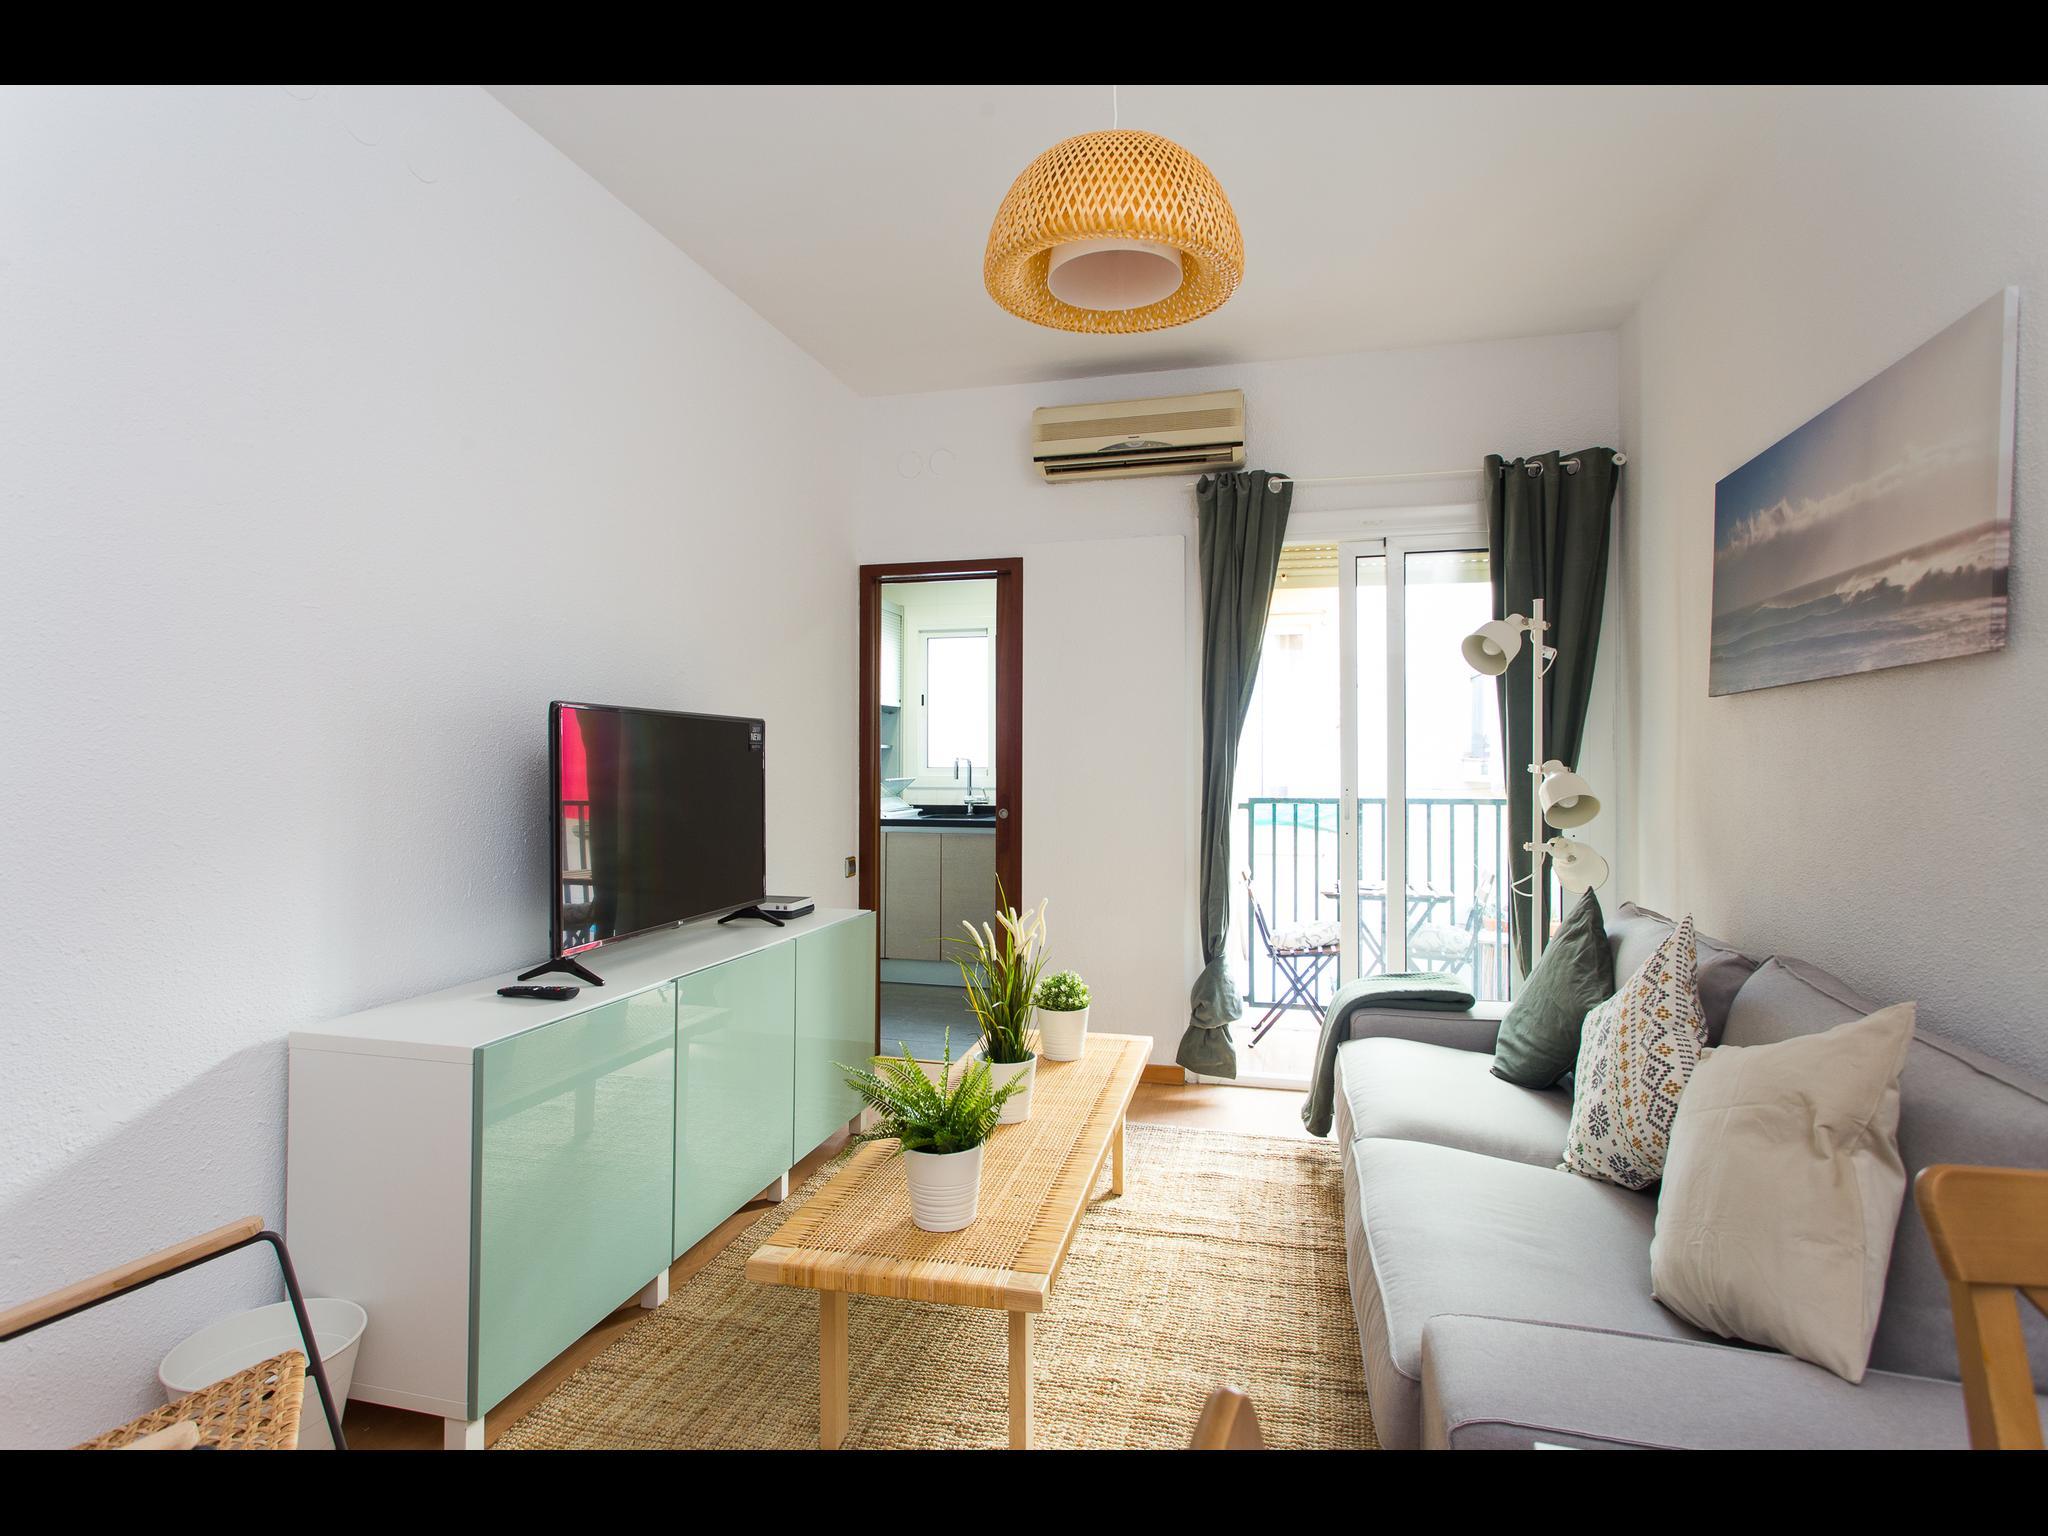 Salva - Acogedor piso de 3 dormitorios en Barcelona